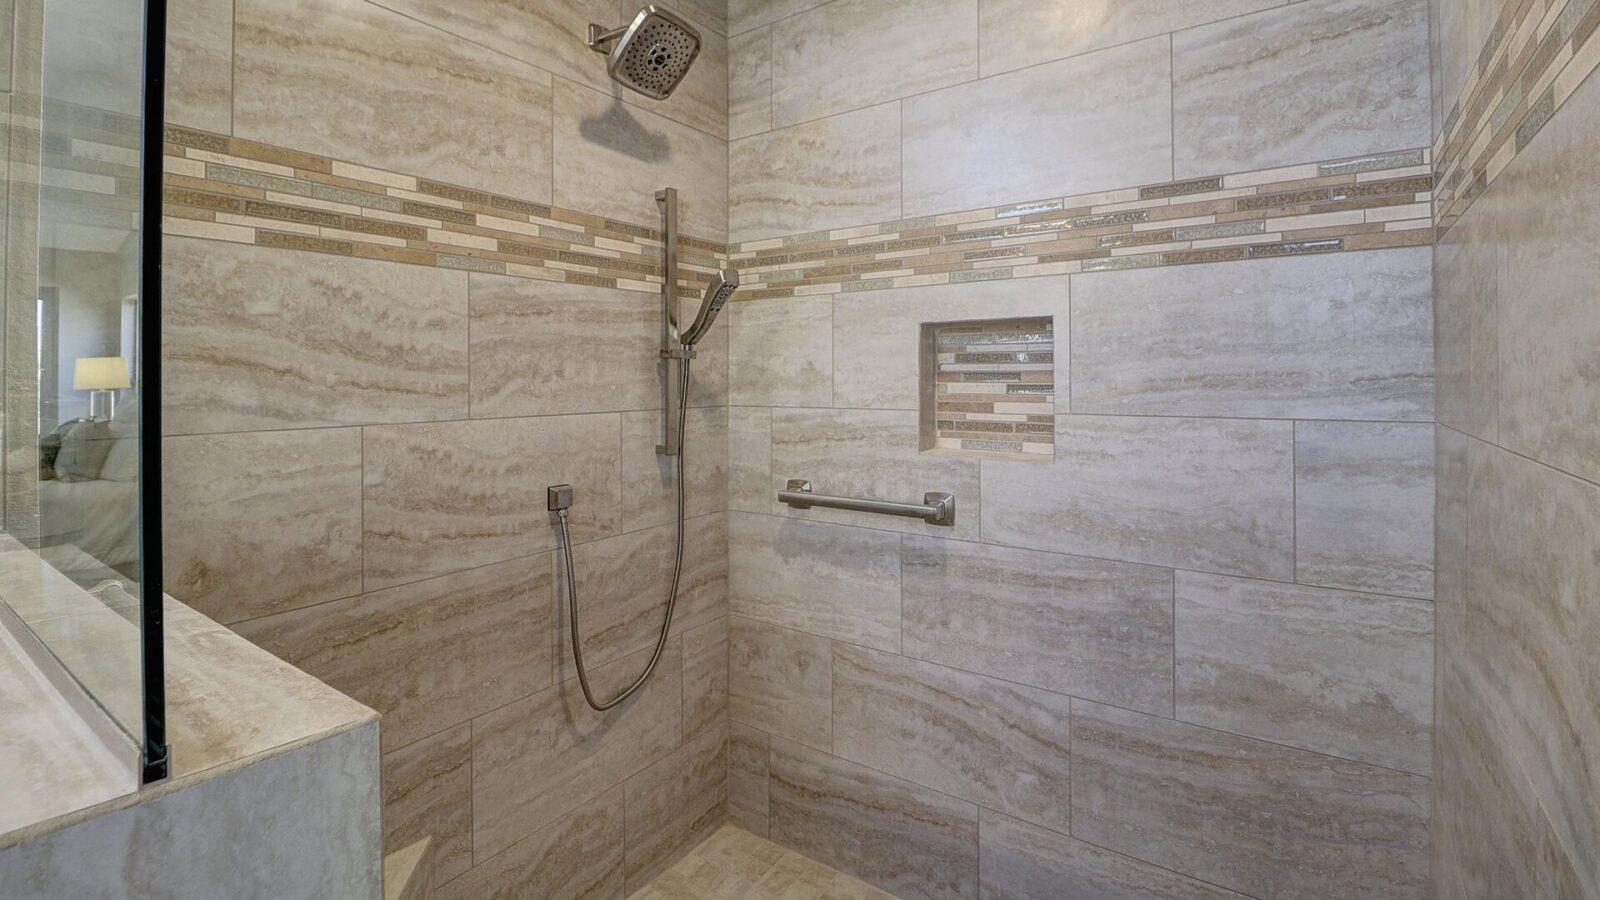 Inside of a shower room of a Peoria Classic designed bathroom